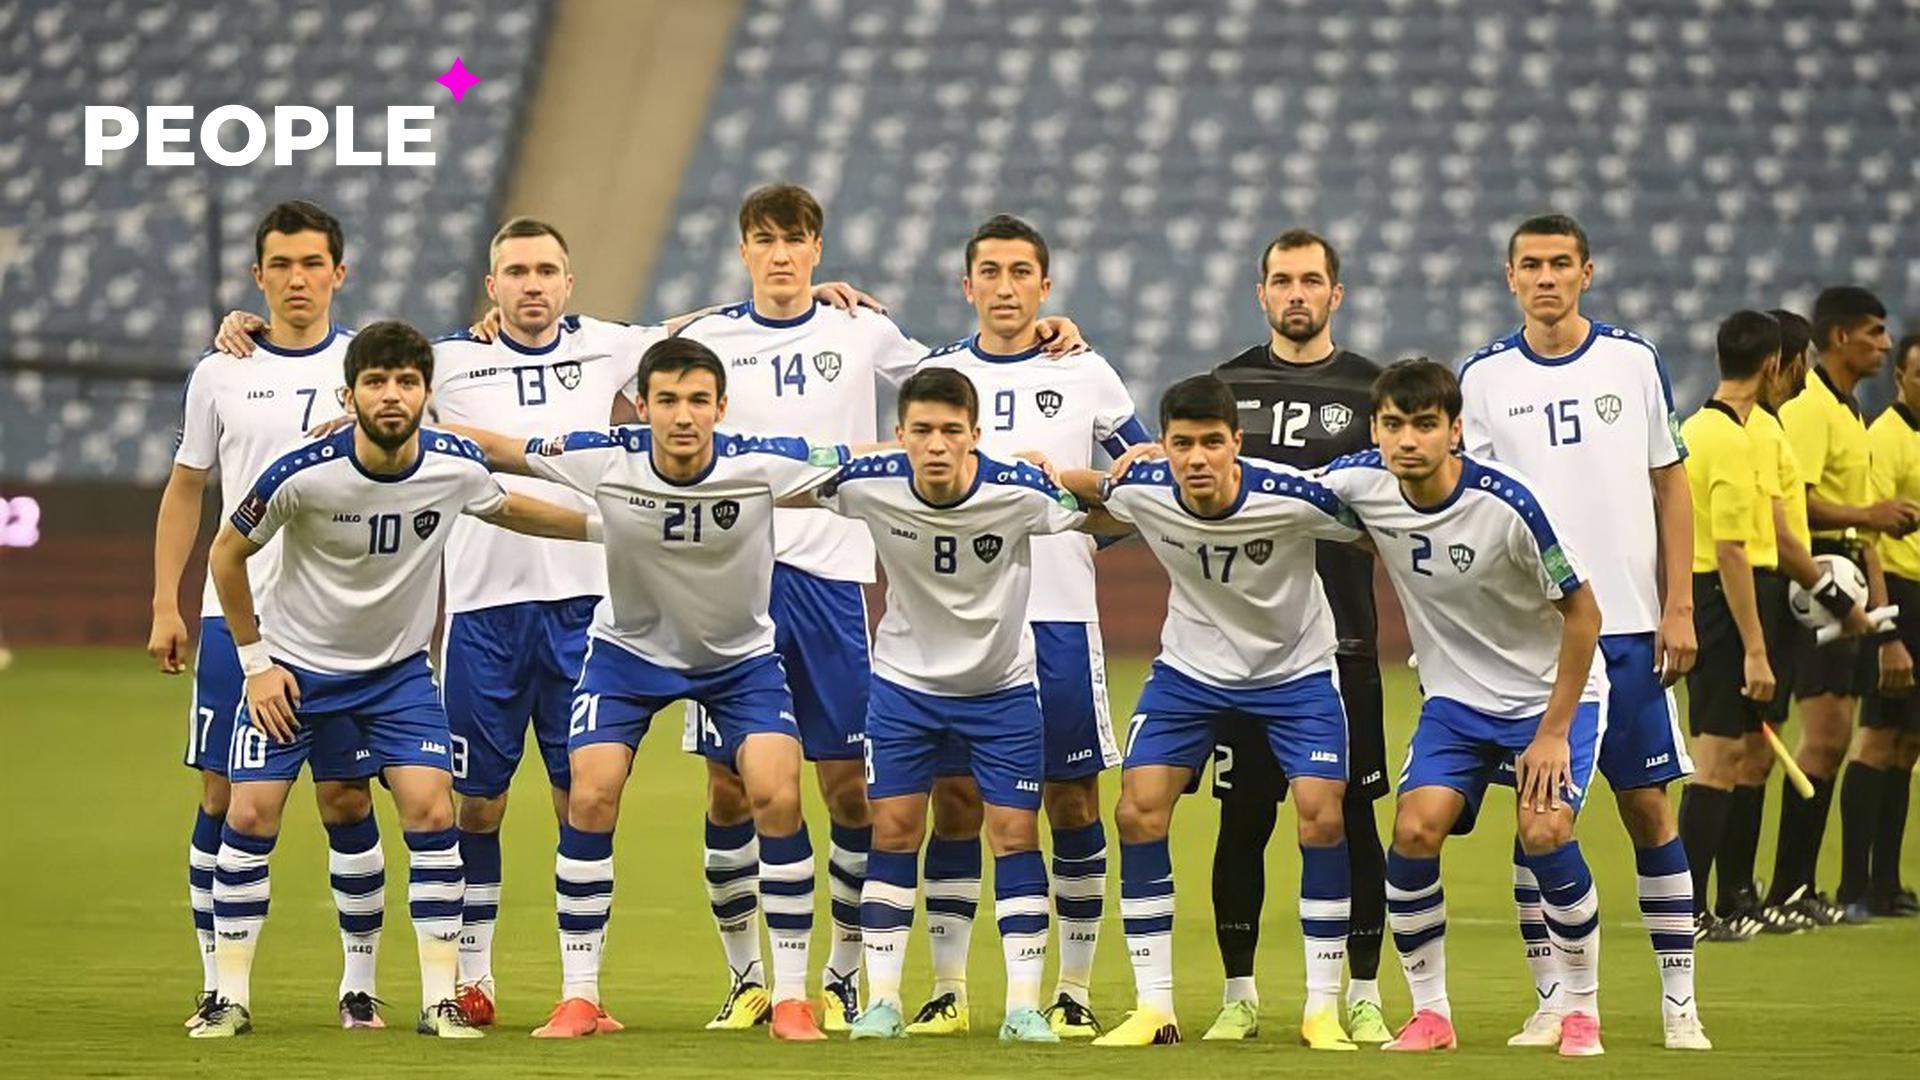 Сборная Узбекистана по футболу разгромила Сингапур в отборе на ЧМ-2022